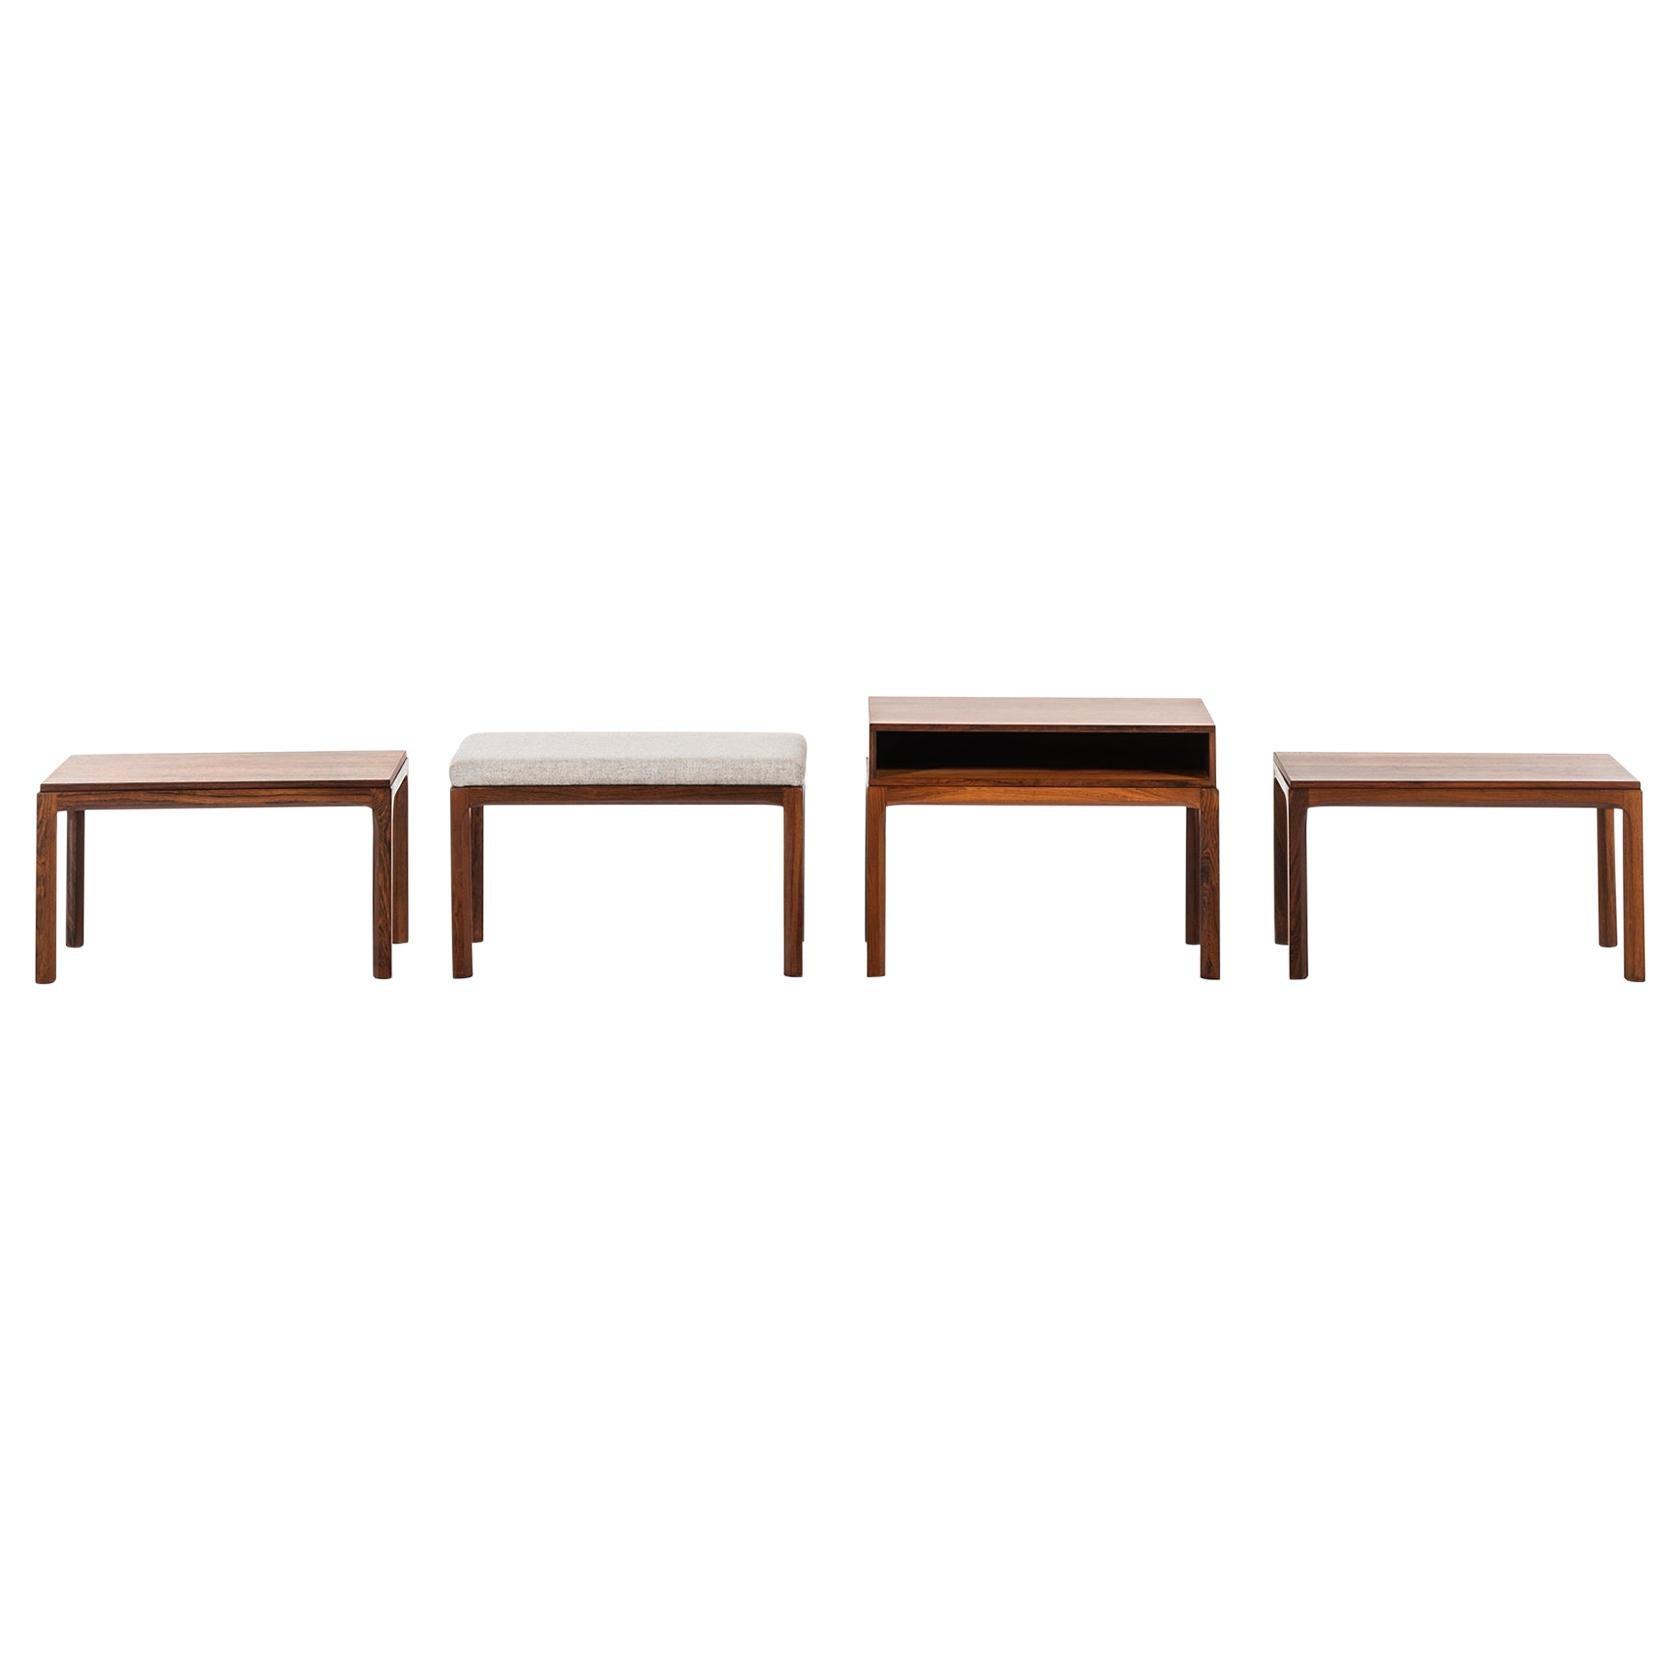 Kai Kristiansen Side Tables Produced by Aksel Kjersgaard in Denmark